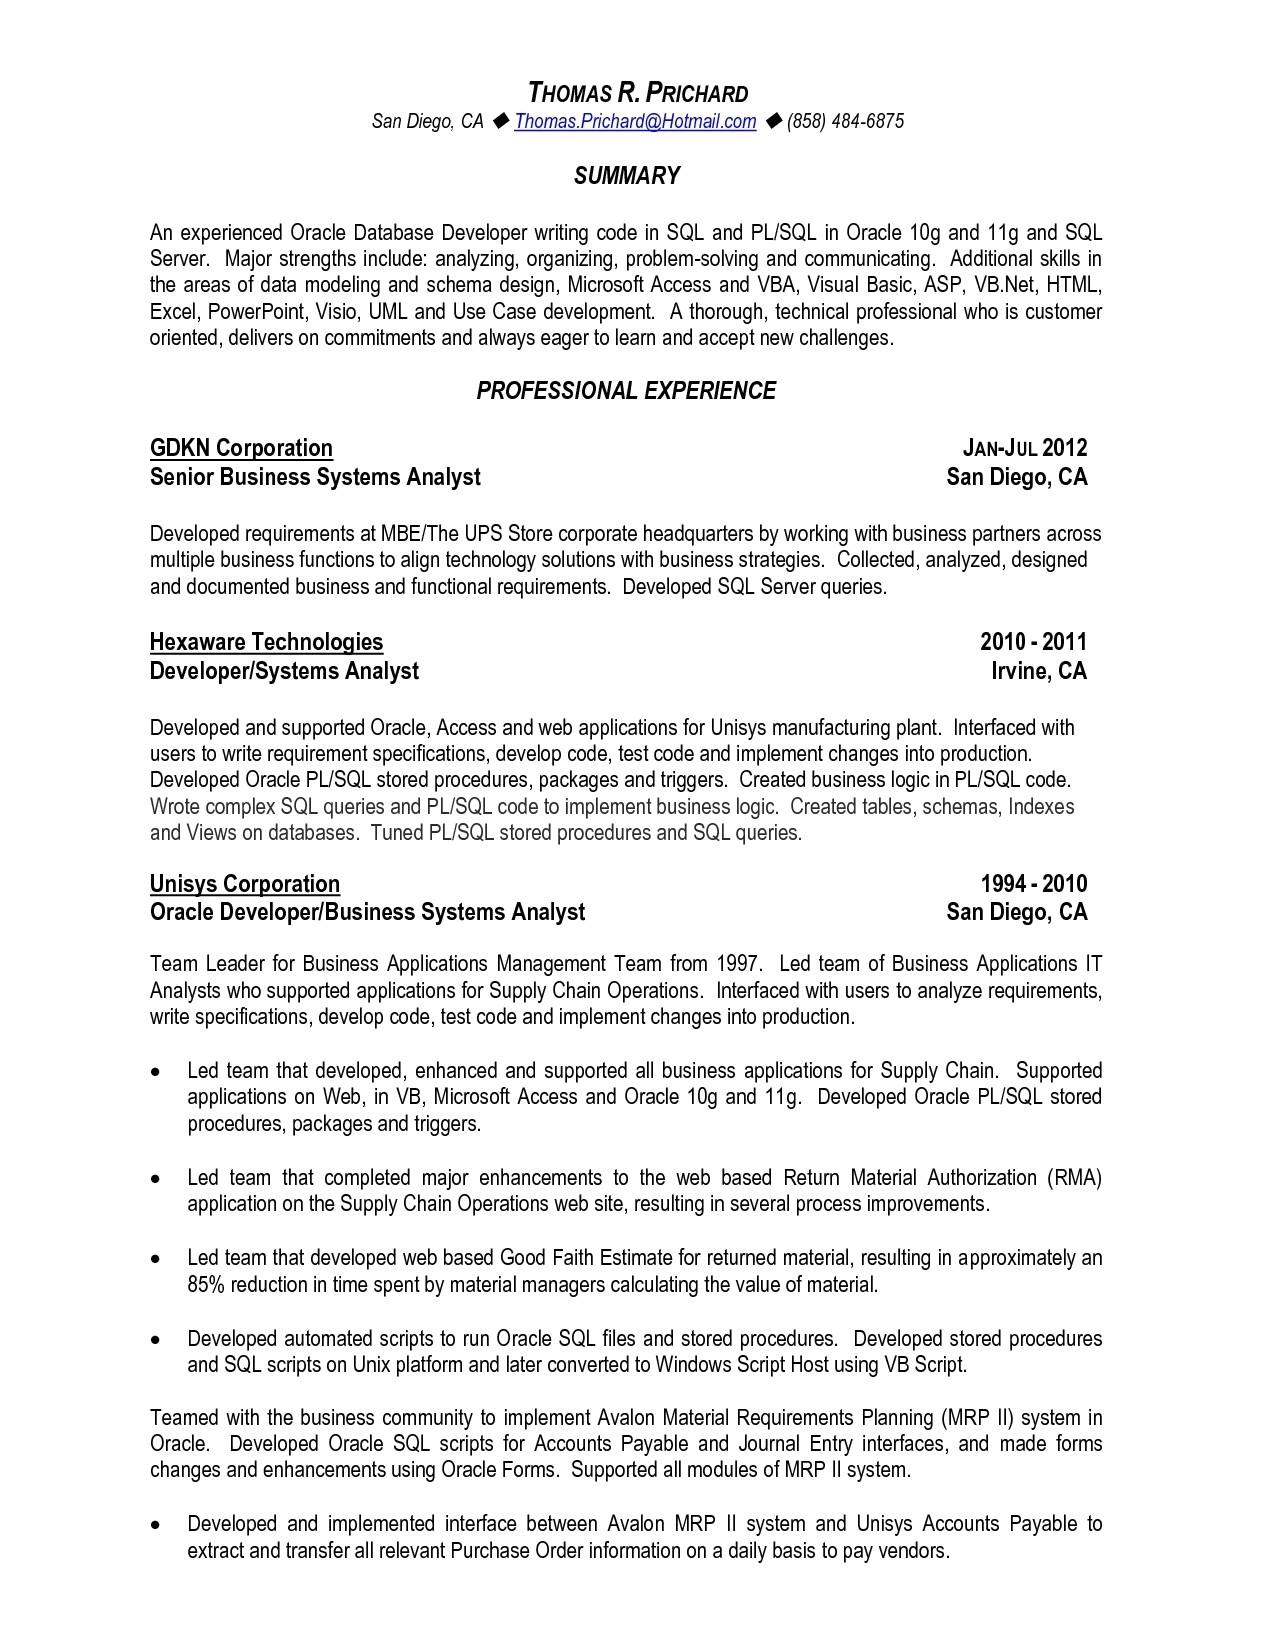 Sql Fresher Resume Sample Sample Resume for Sql Developer Fresher Resume Ideas